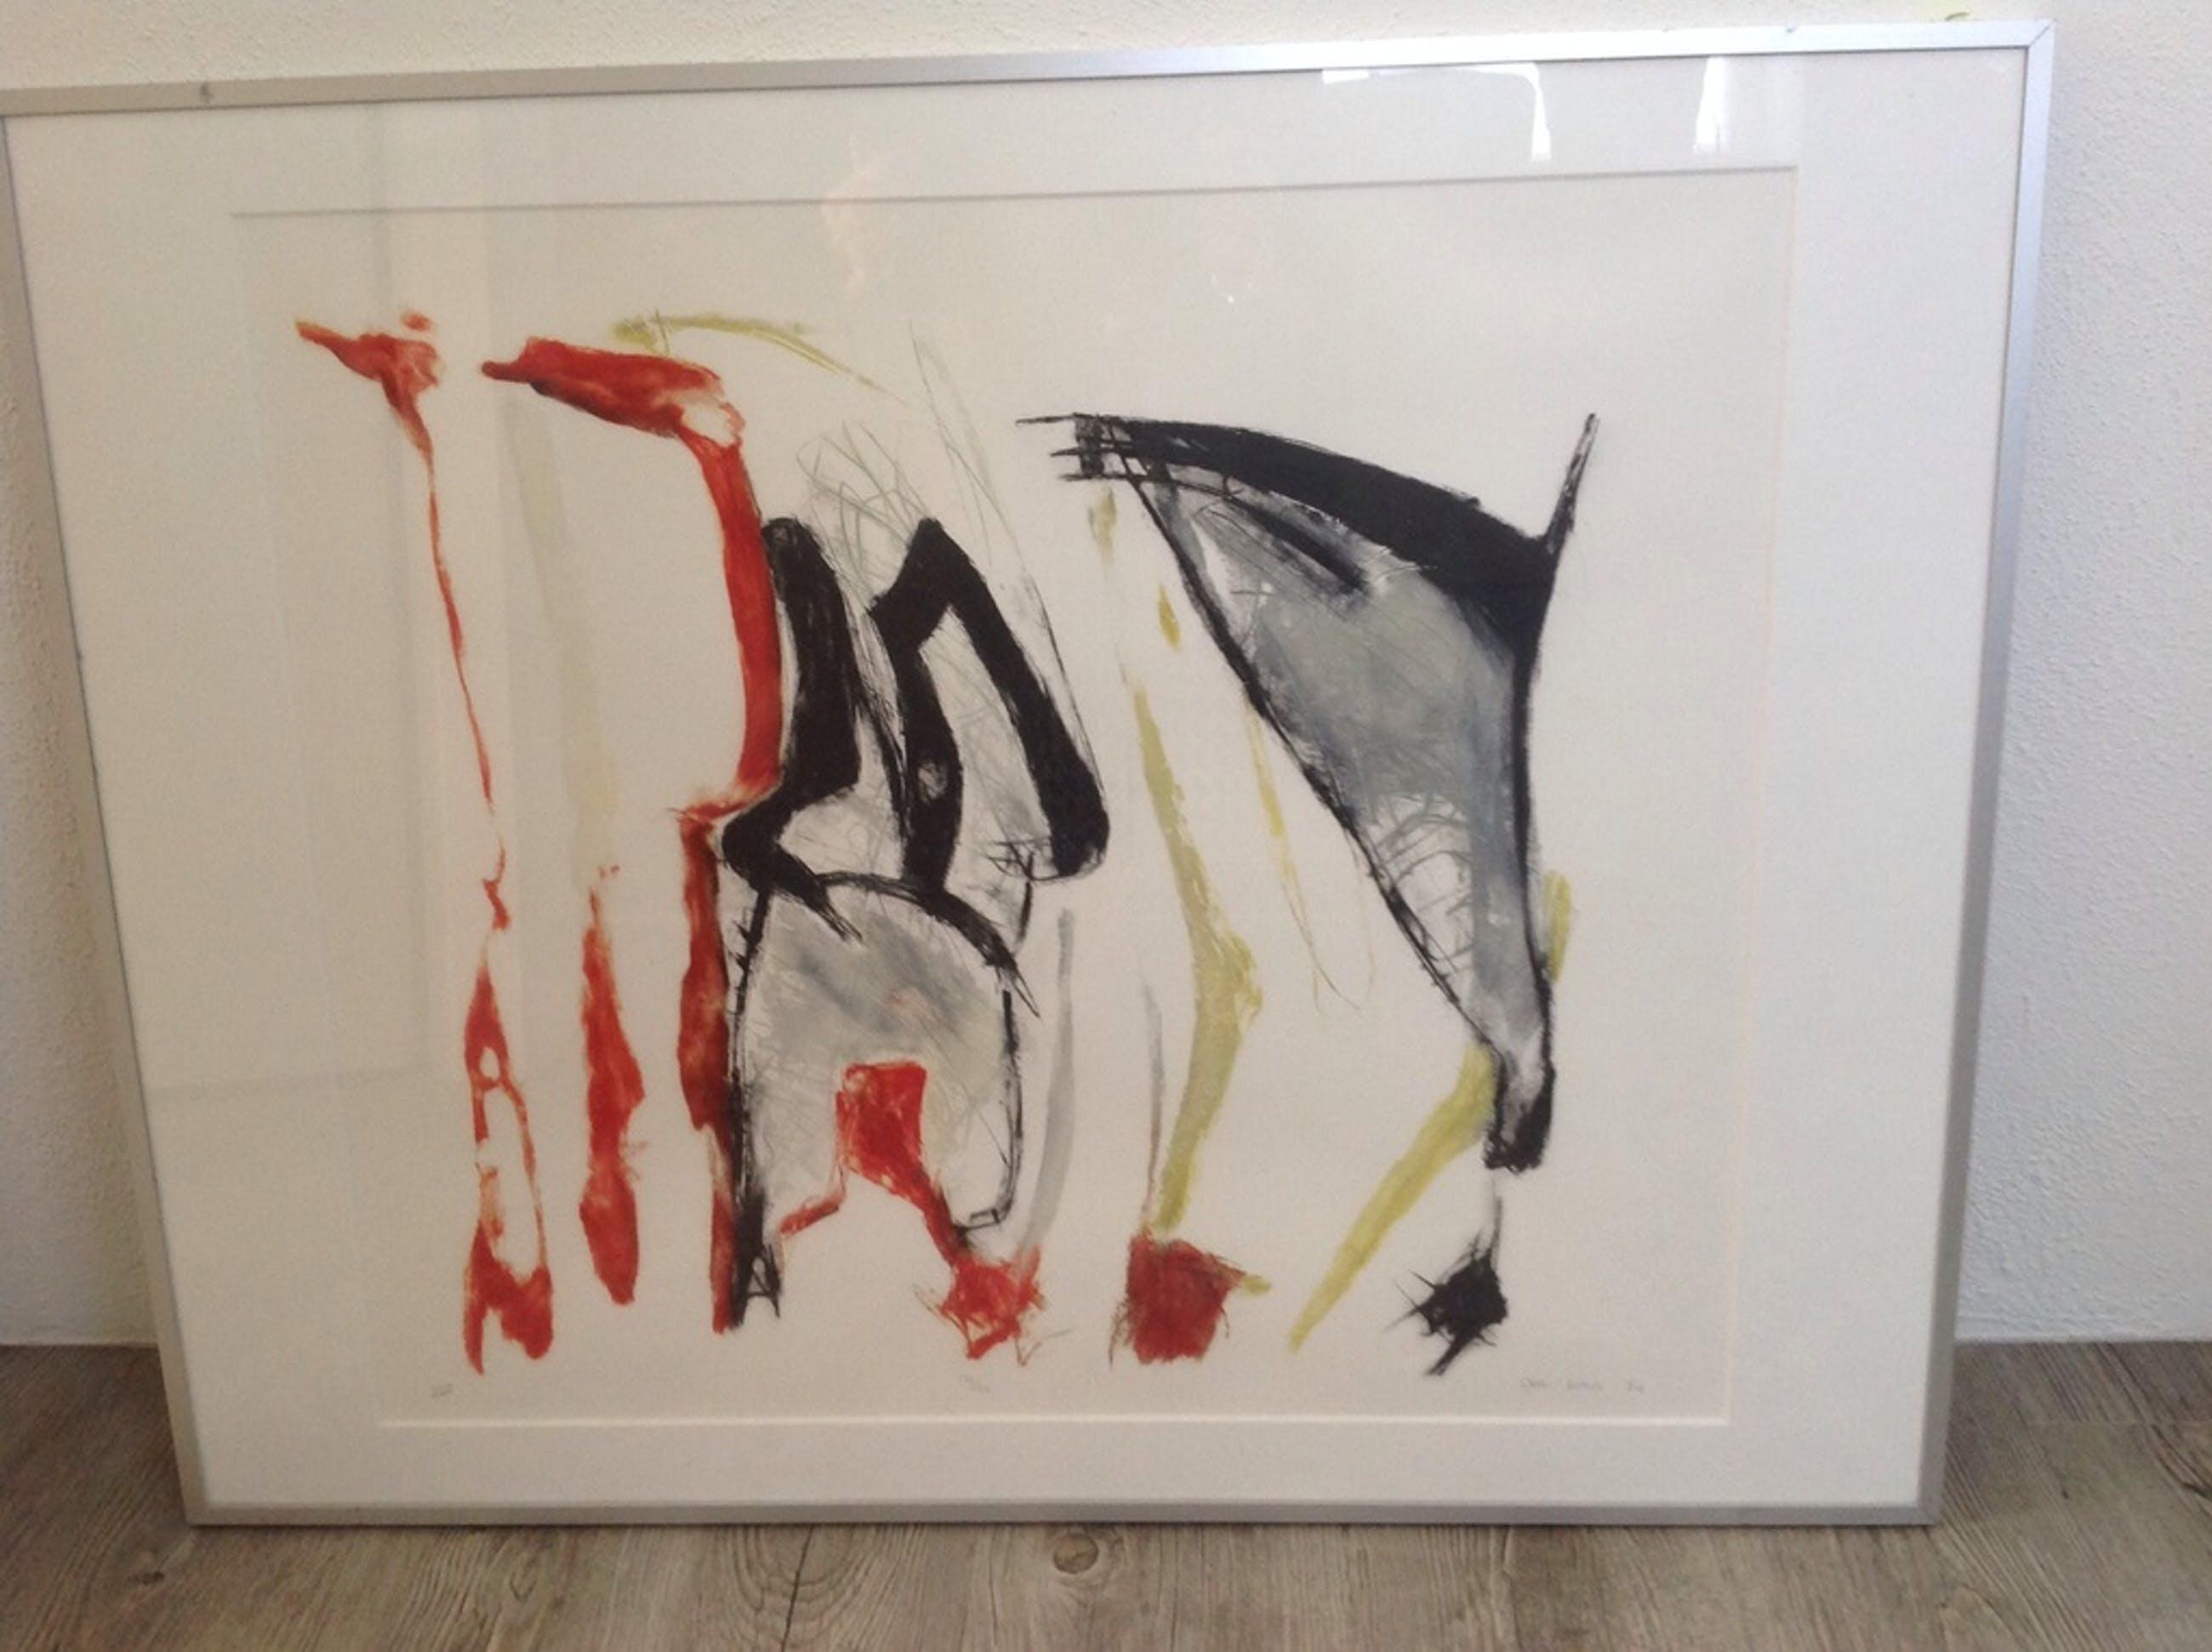 Gerdi Bouws: Kleurets IV, 1984 kopen? Bied vanaf 65!